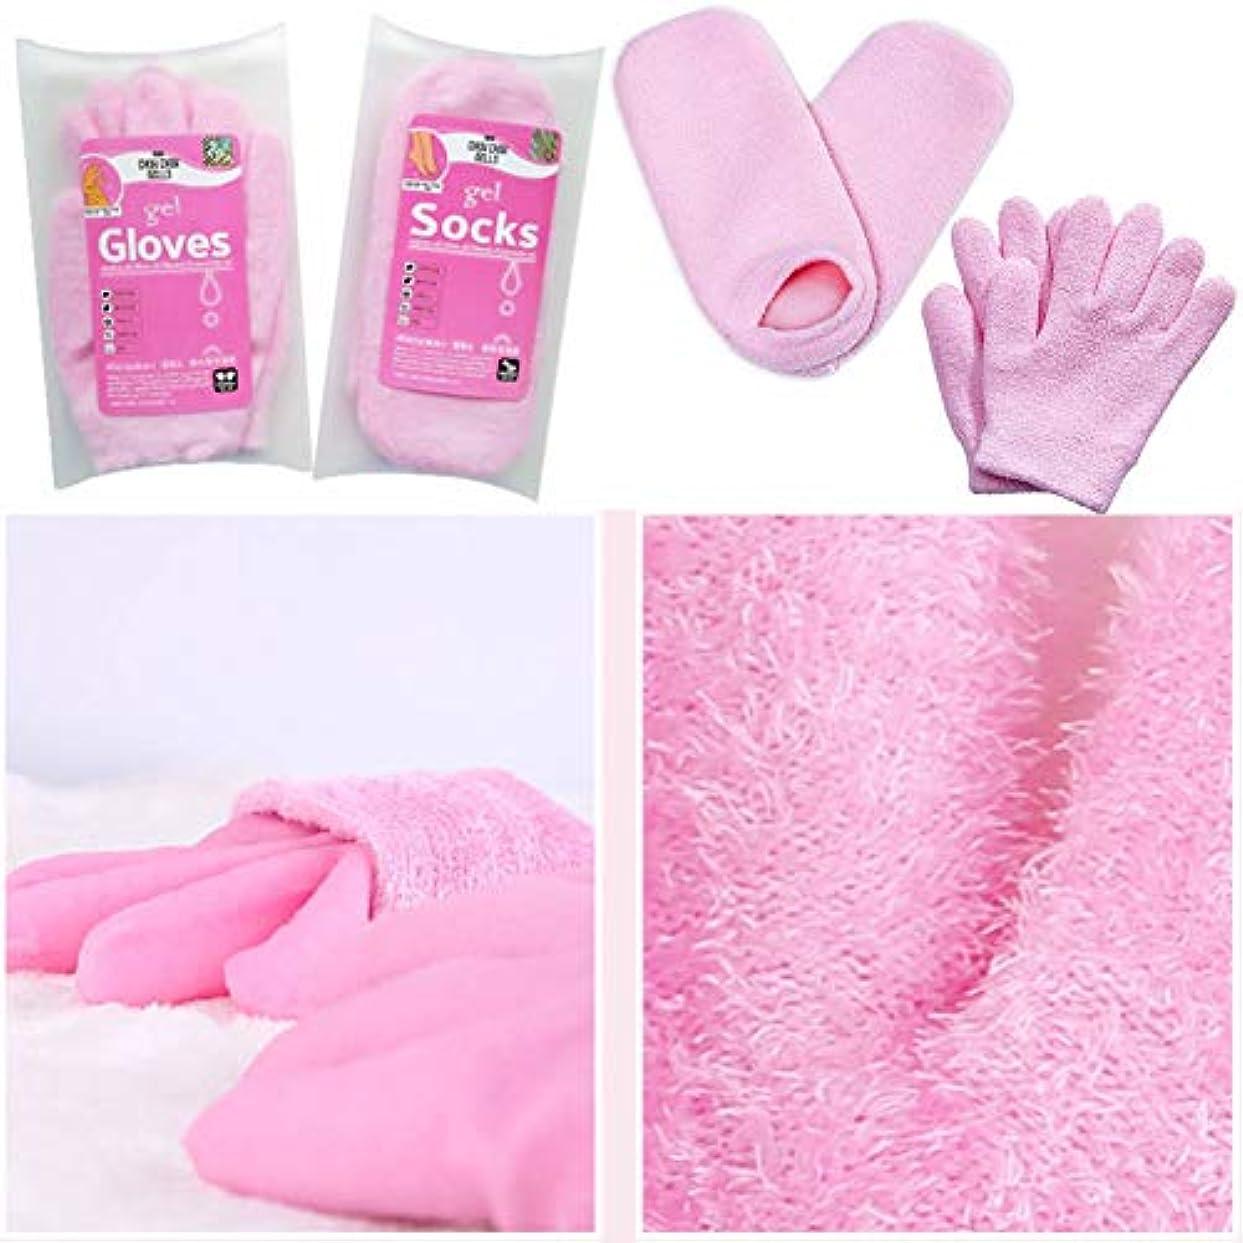 グラフィッククッショントラップTerGOOSE 美容 保湿 手袋 ゲル 靴下 モイスチャライジングジェルグローブ 手荒れ対策 保湿ケア フット ハンドケア用 便利 ピンク